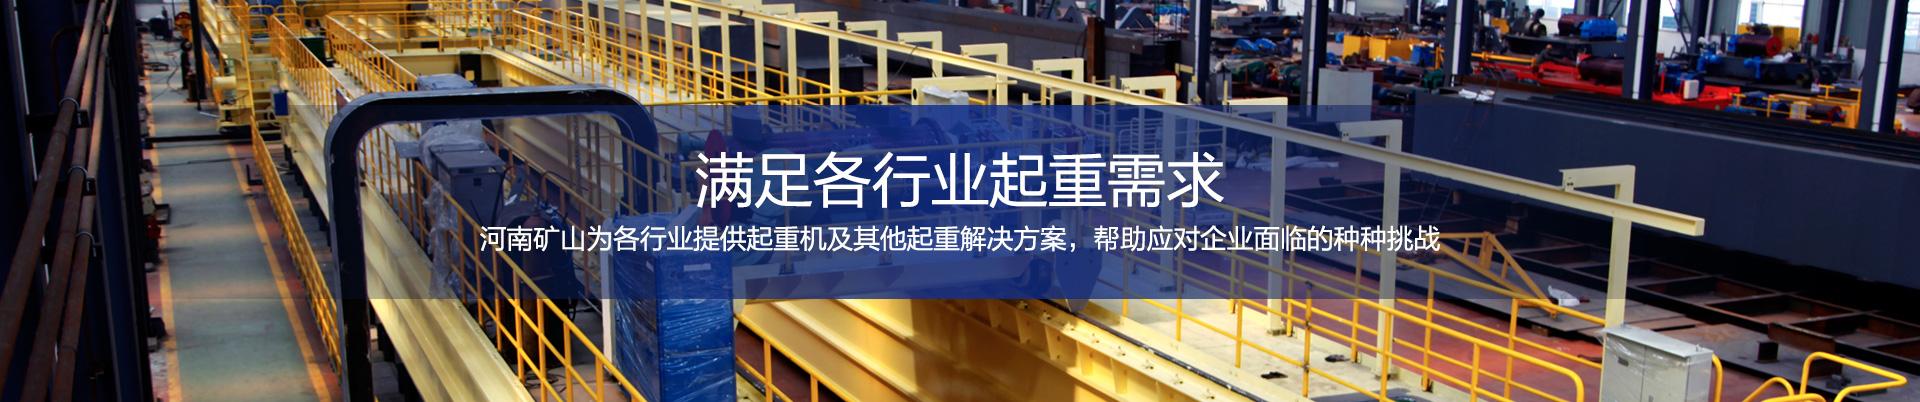 河南矿山 满足各行业的起重需求